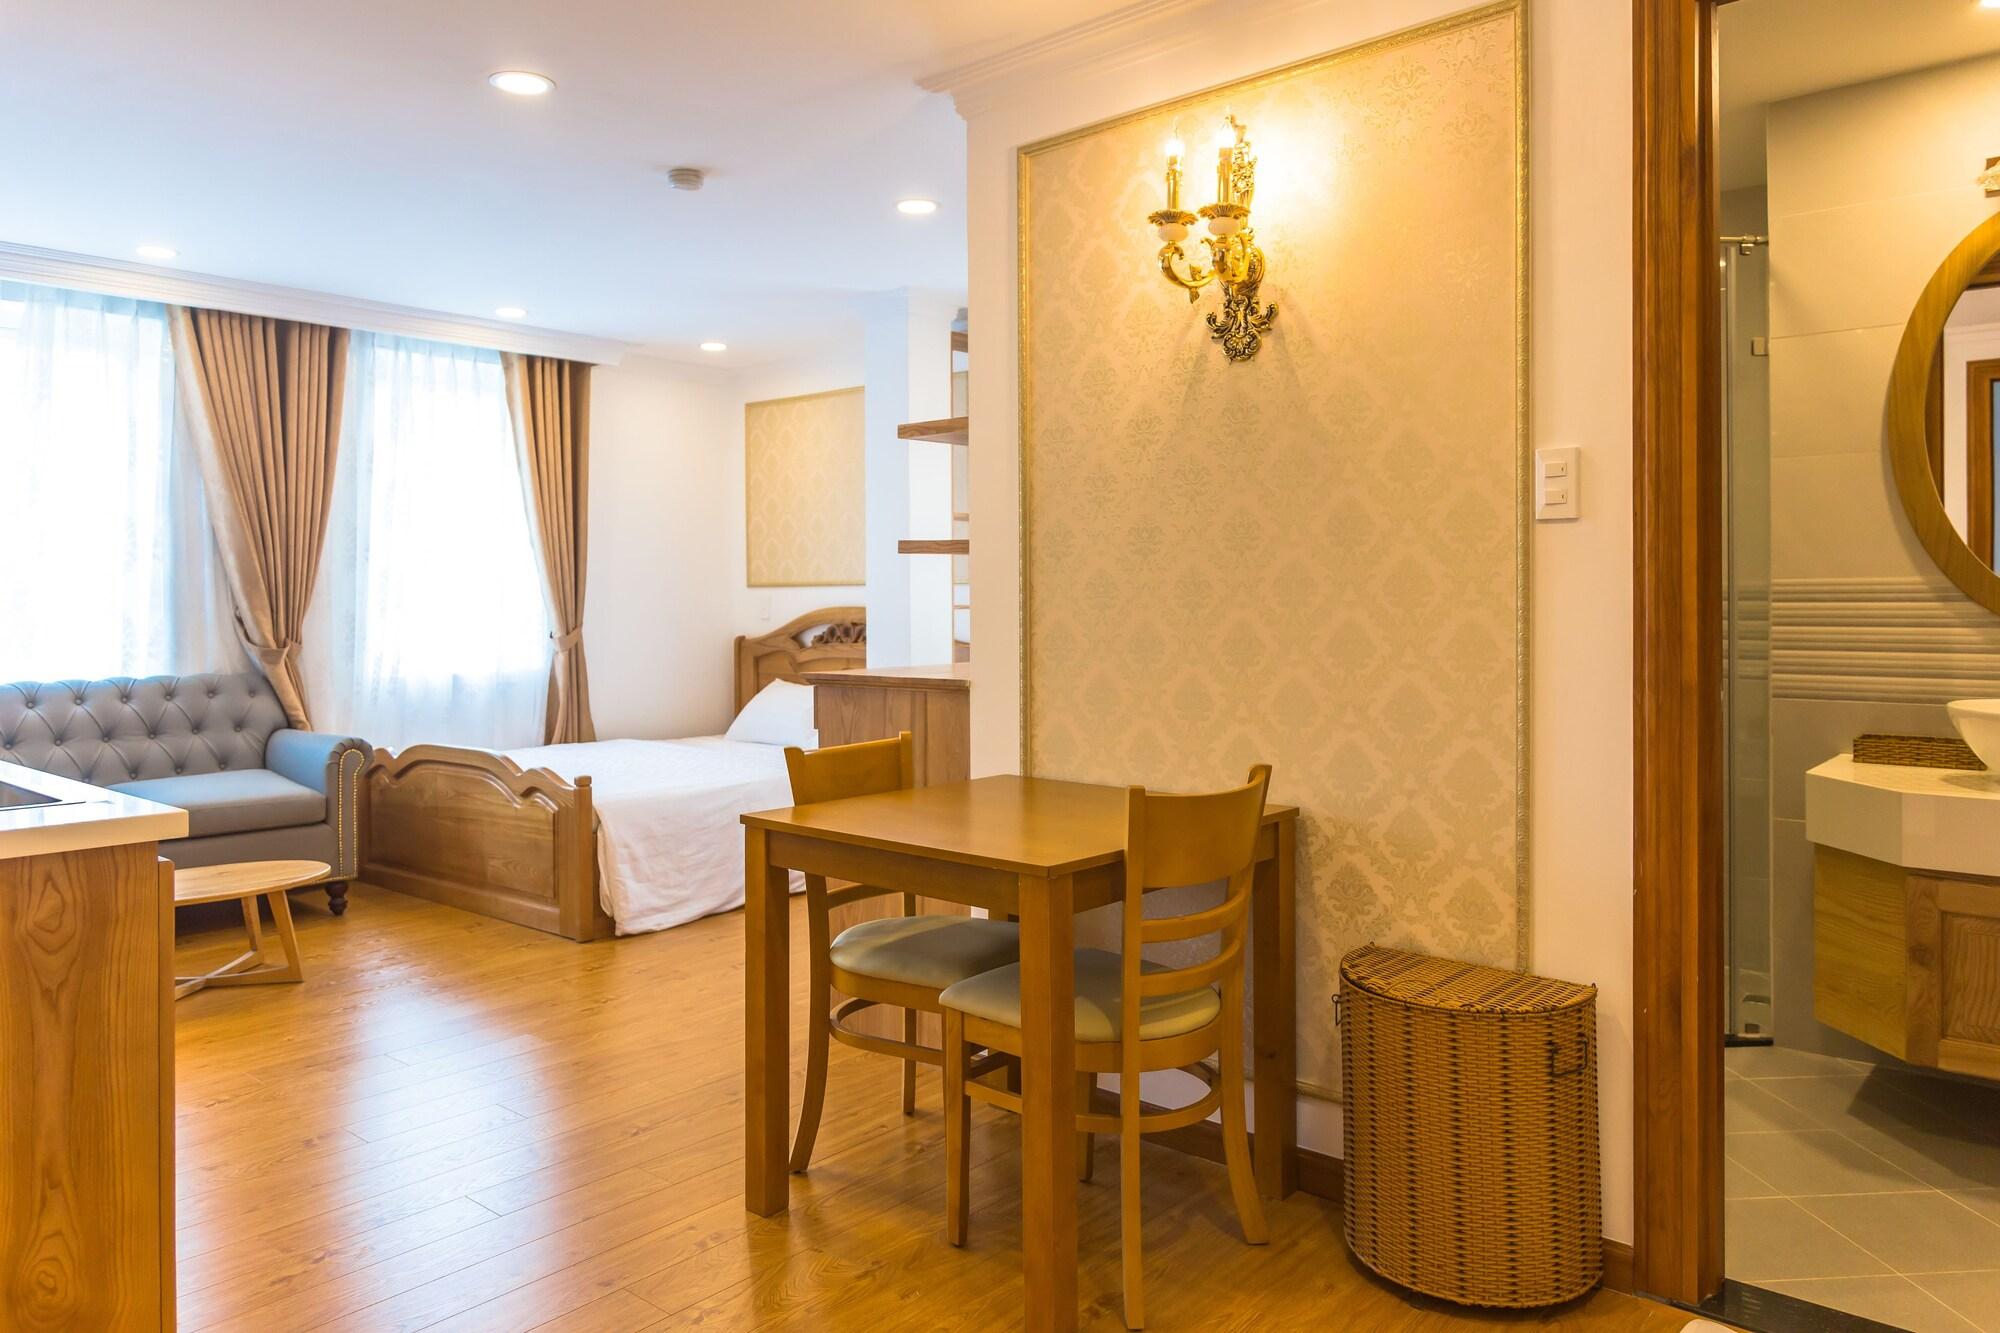 Ngan Ha Apartment, Quận 7